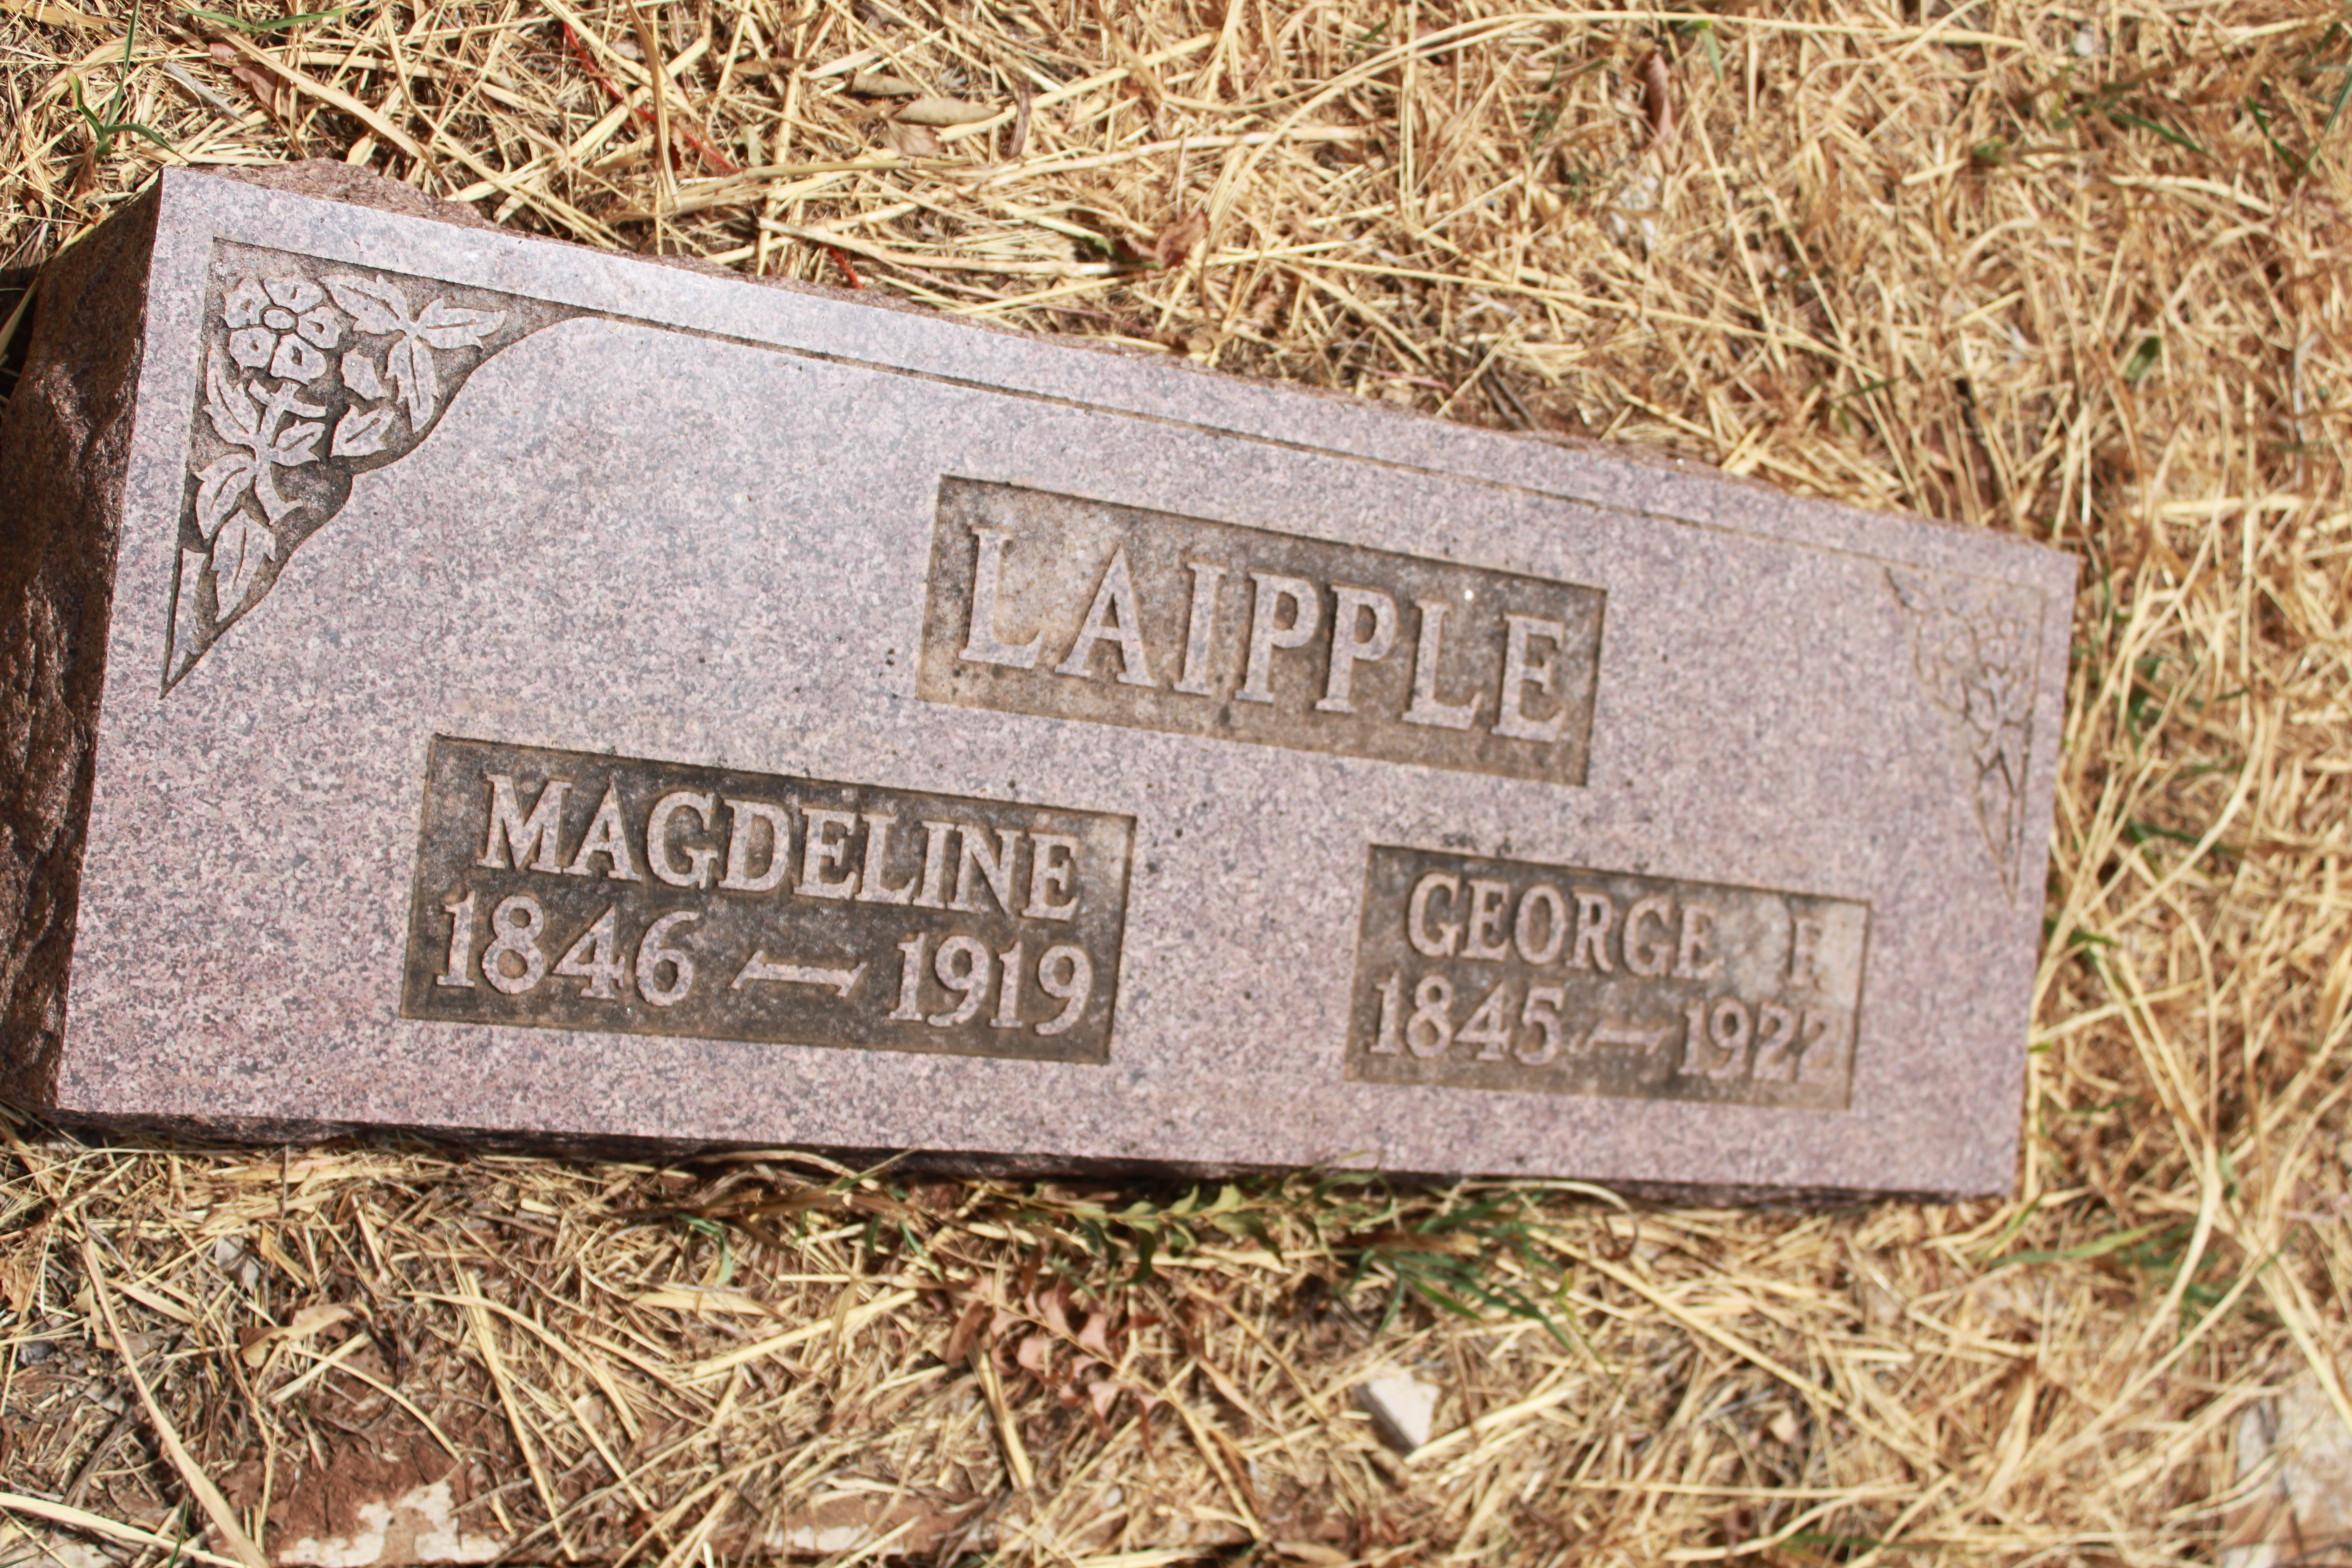 Magdeline Laipple